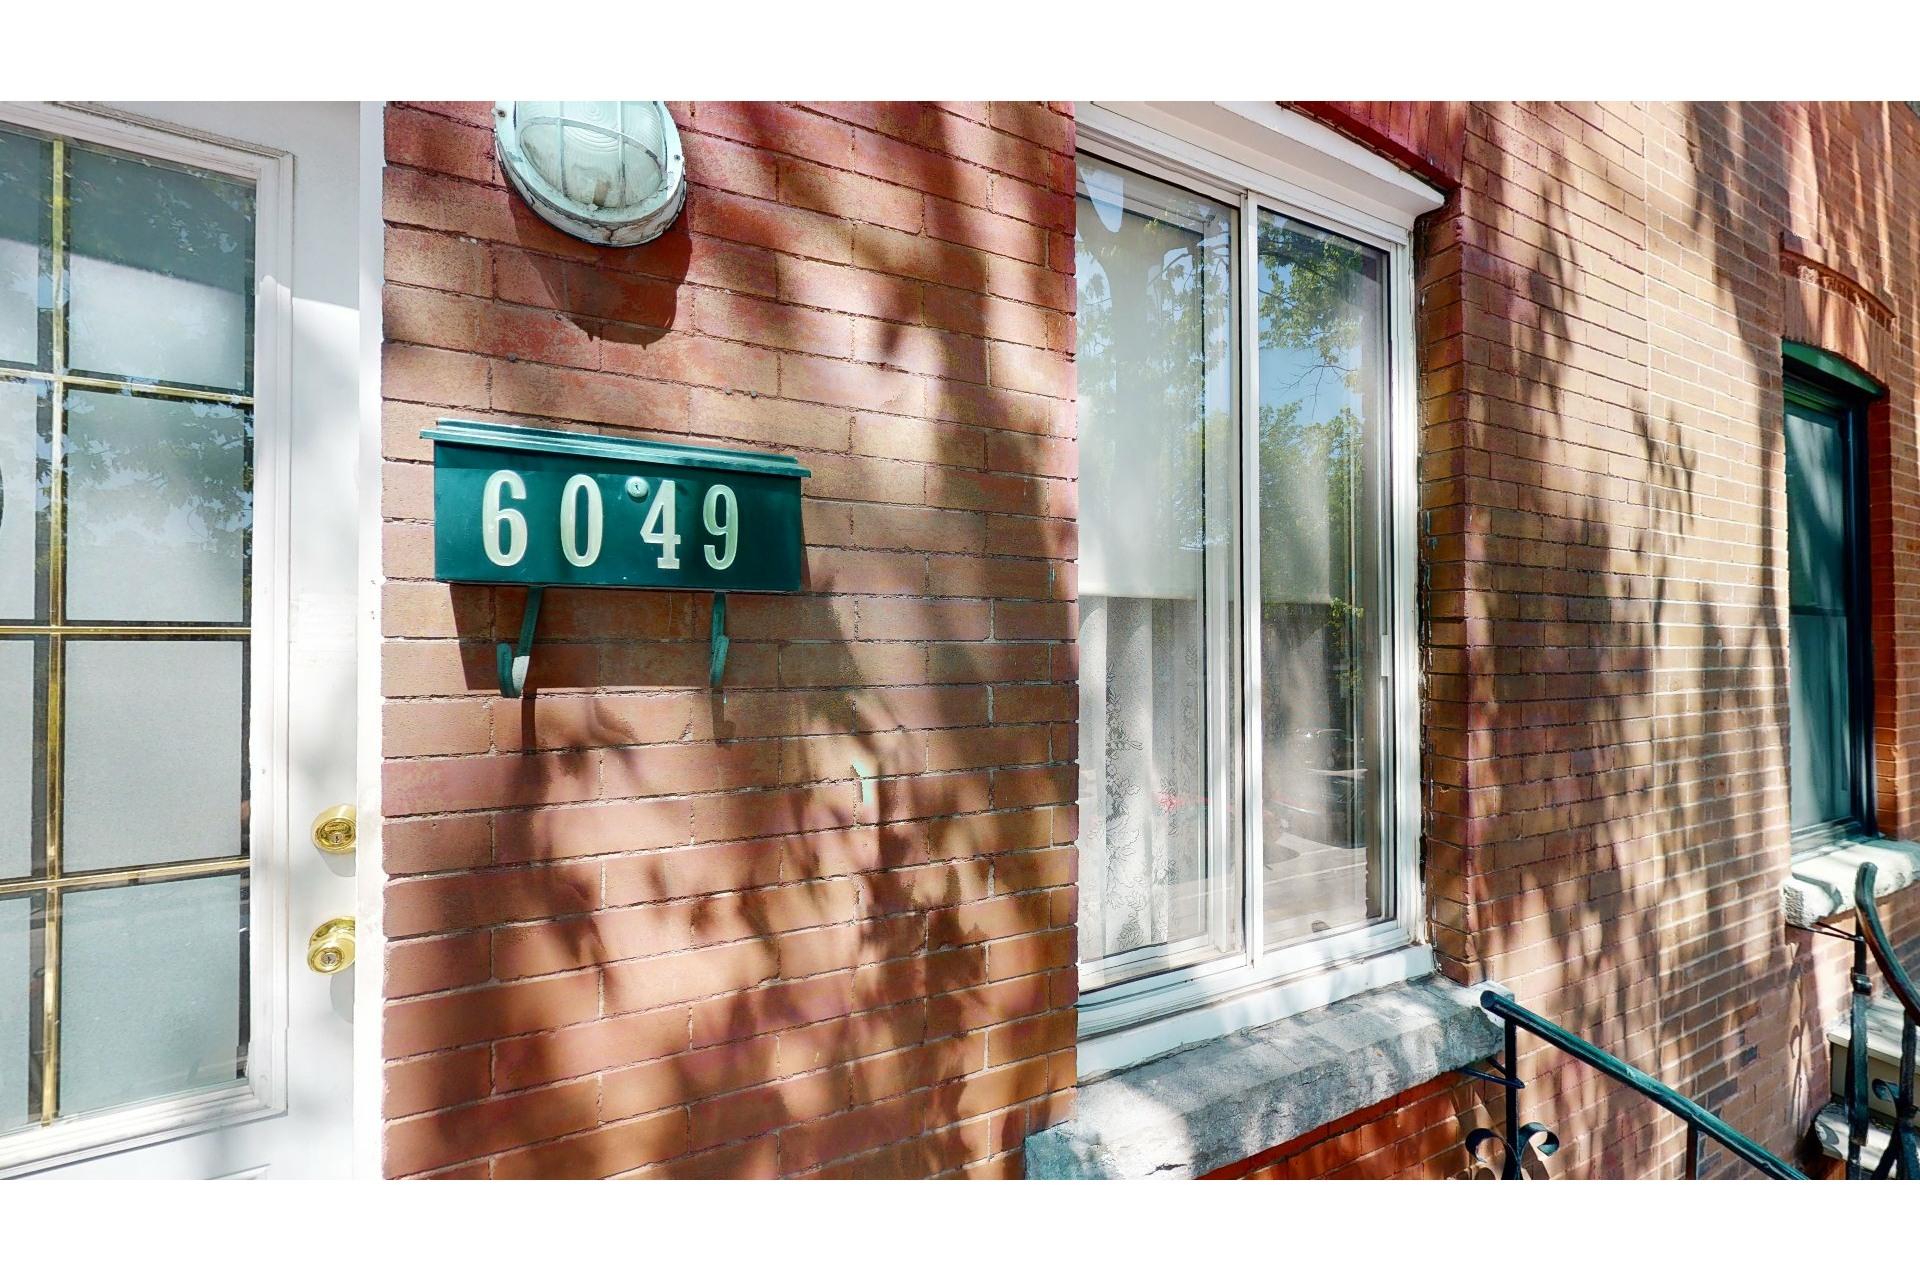 image 18 - Duplex À vendre Rosemont/La Petite-Patrie Montréal  - 7 pièces